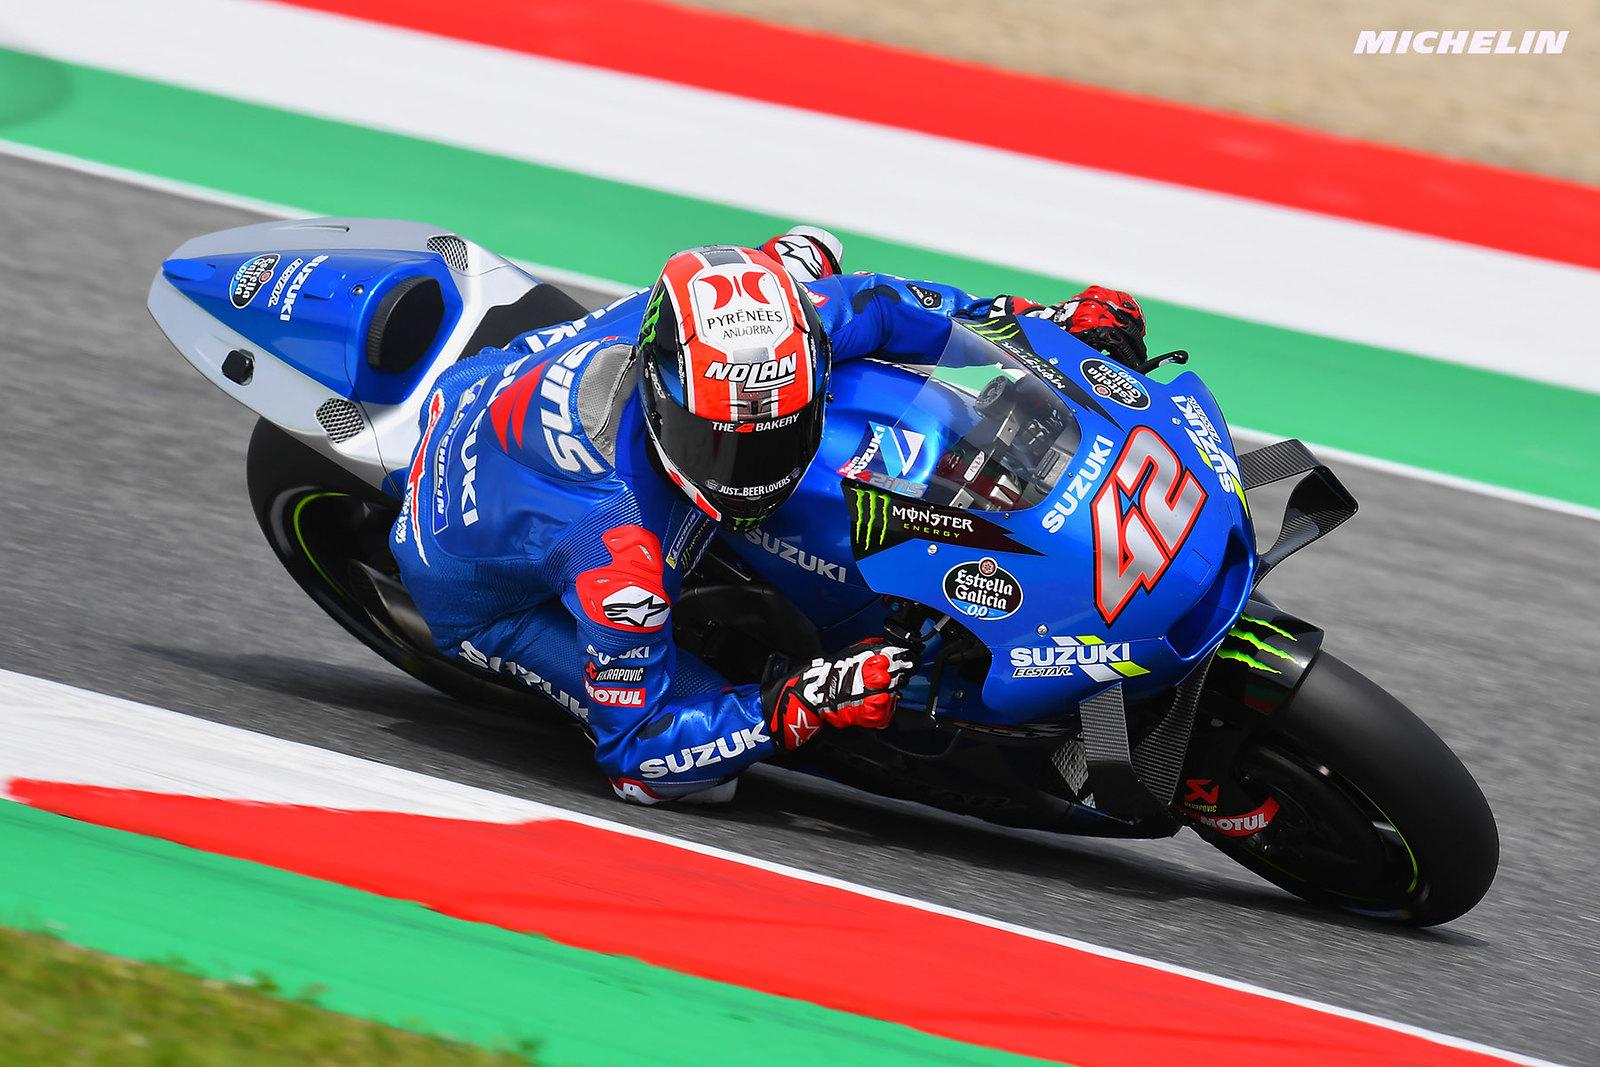 MotoGP2021イタリアGP 8位アレックス・リンス「トラブルのせいで3列目になってしまった」